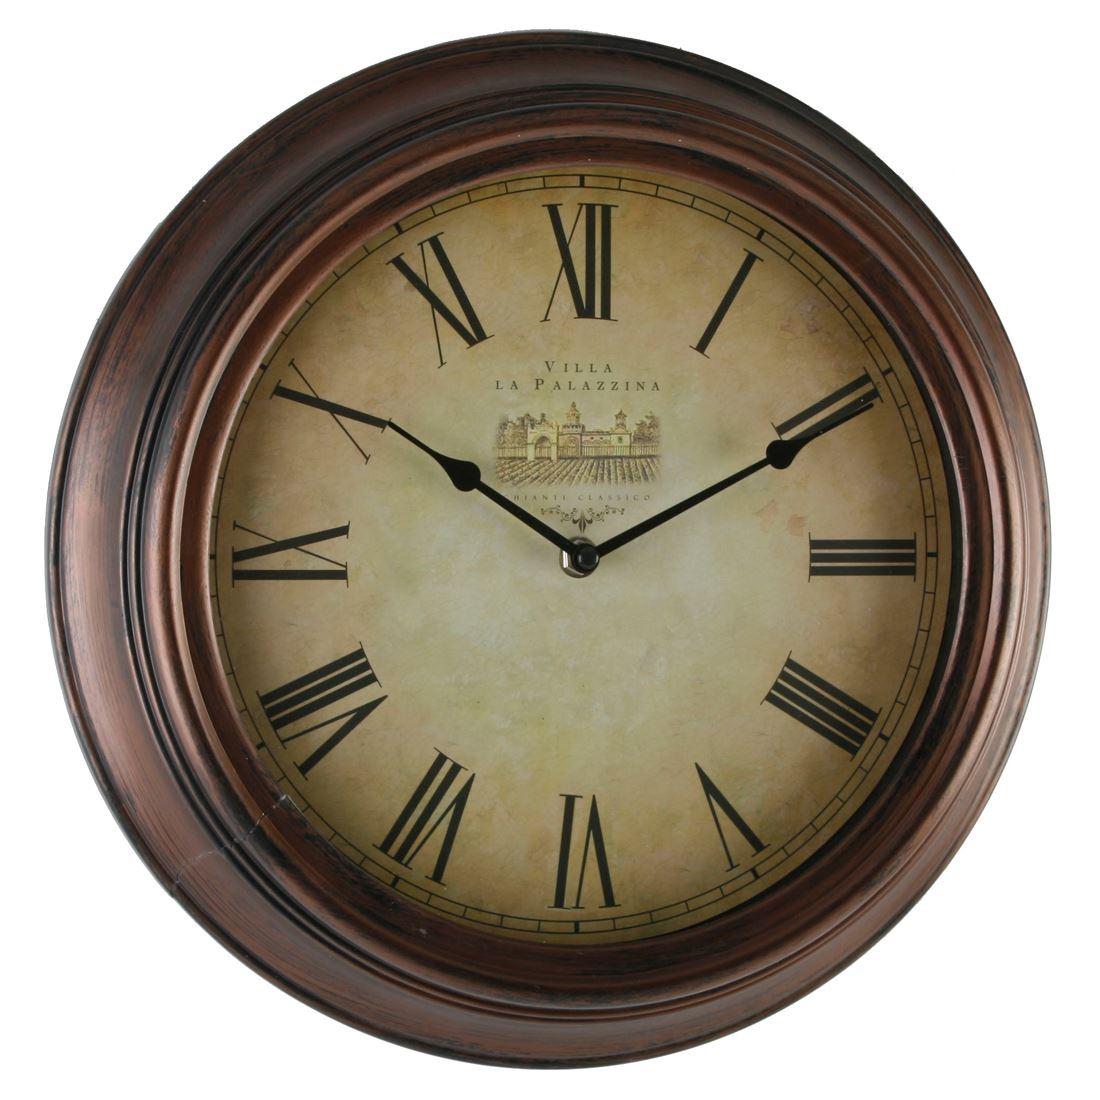 Hometime Antique Effect Case 35cm Roman Dial Wall Clock  : 99ec34c8 4060 4210 a83c a750c87ff3de from www.ebay.co.uk size 1100 x 1100 jpeg 125kB